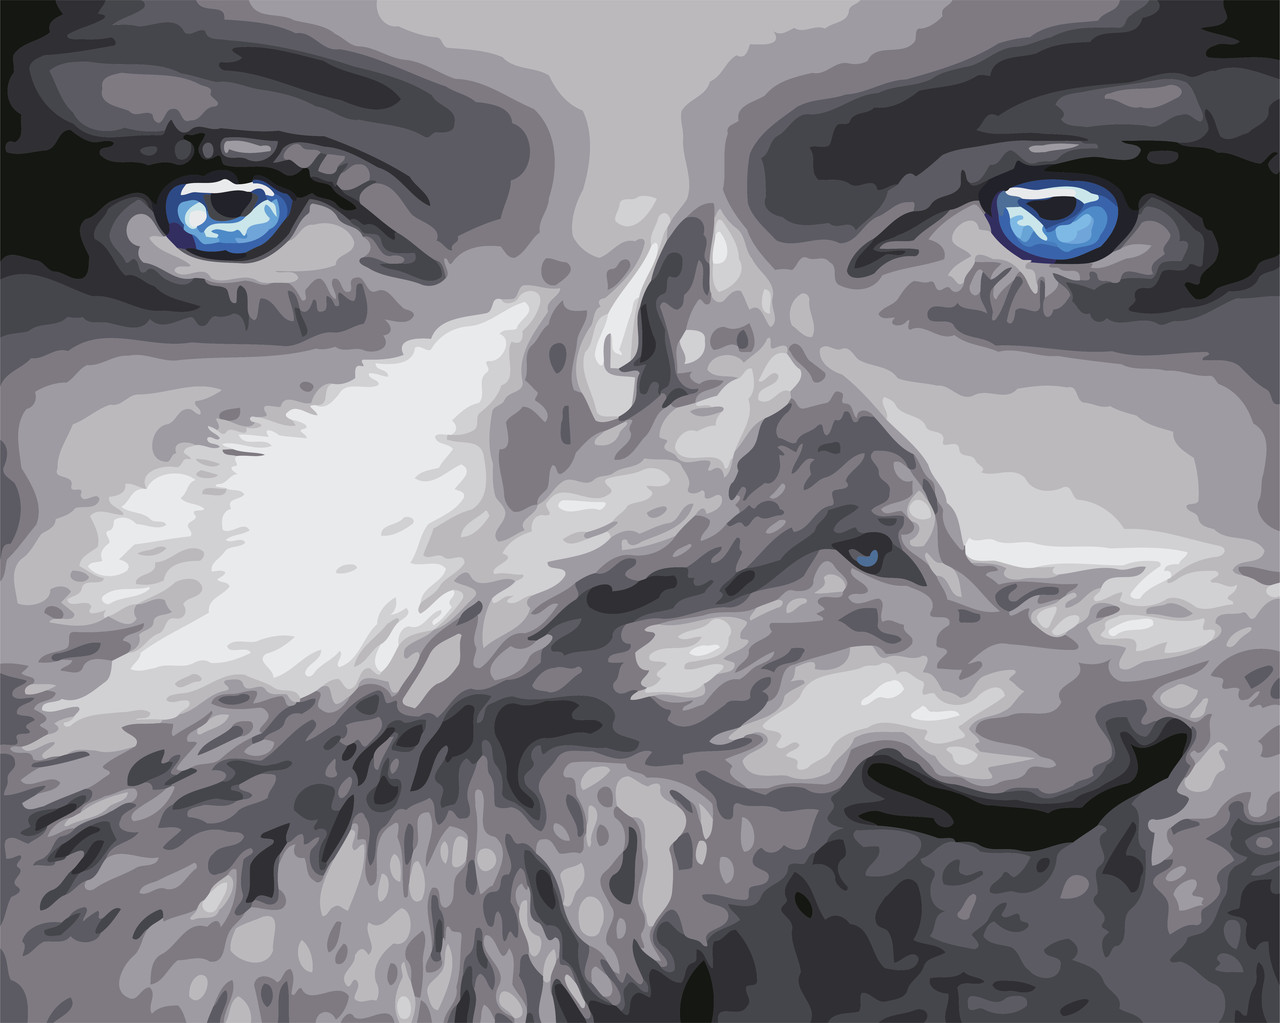 Картина по номерам ArtStory Взгляд волчицы 40*50 см (в коробке) арт.AS0588